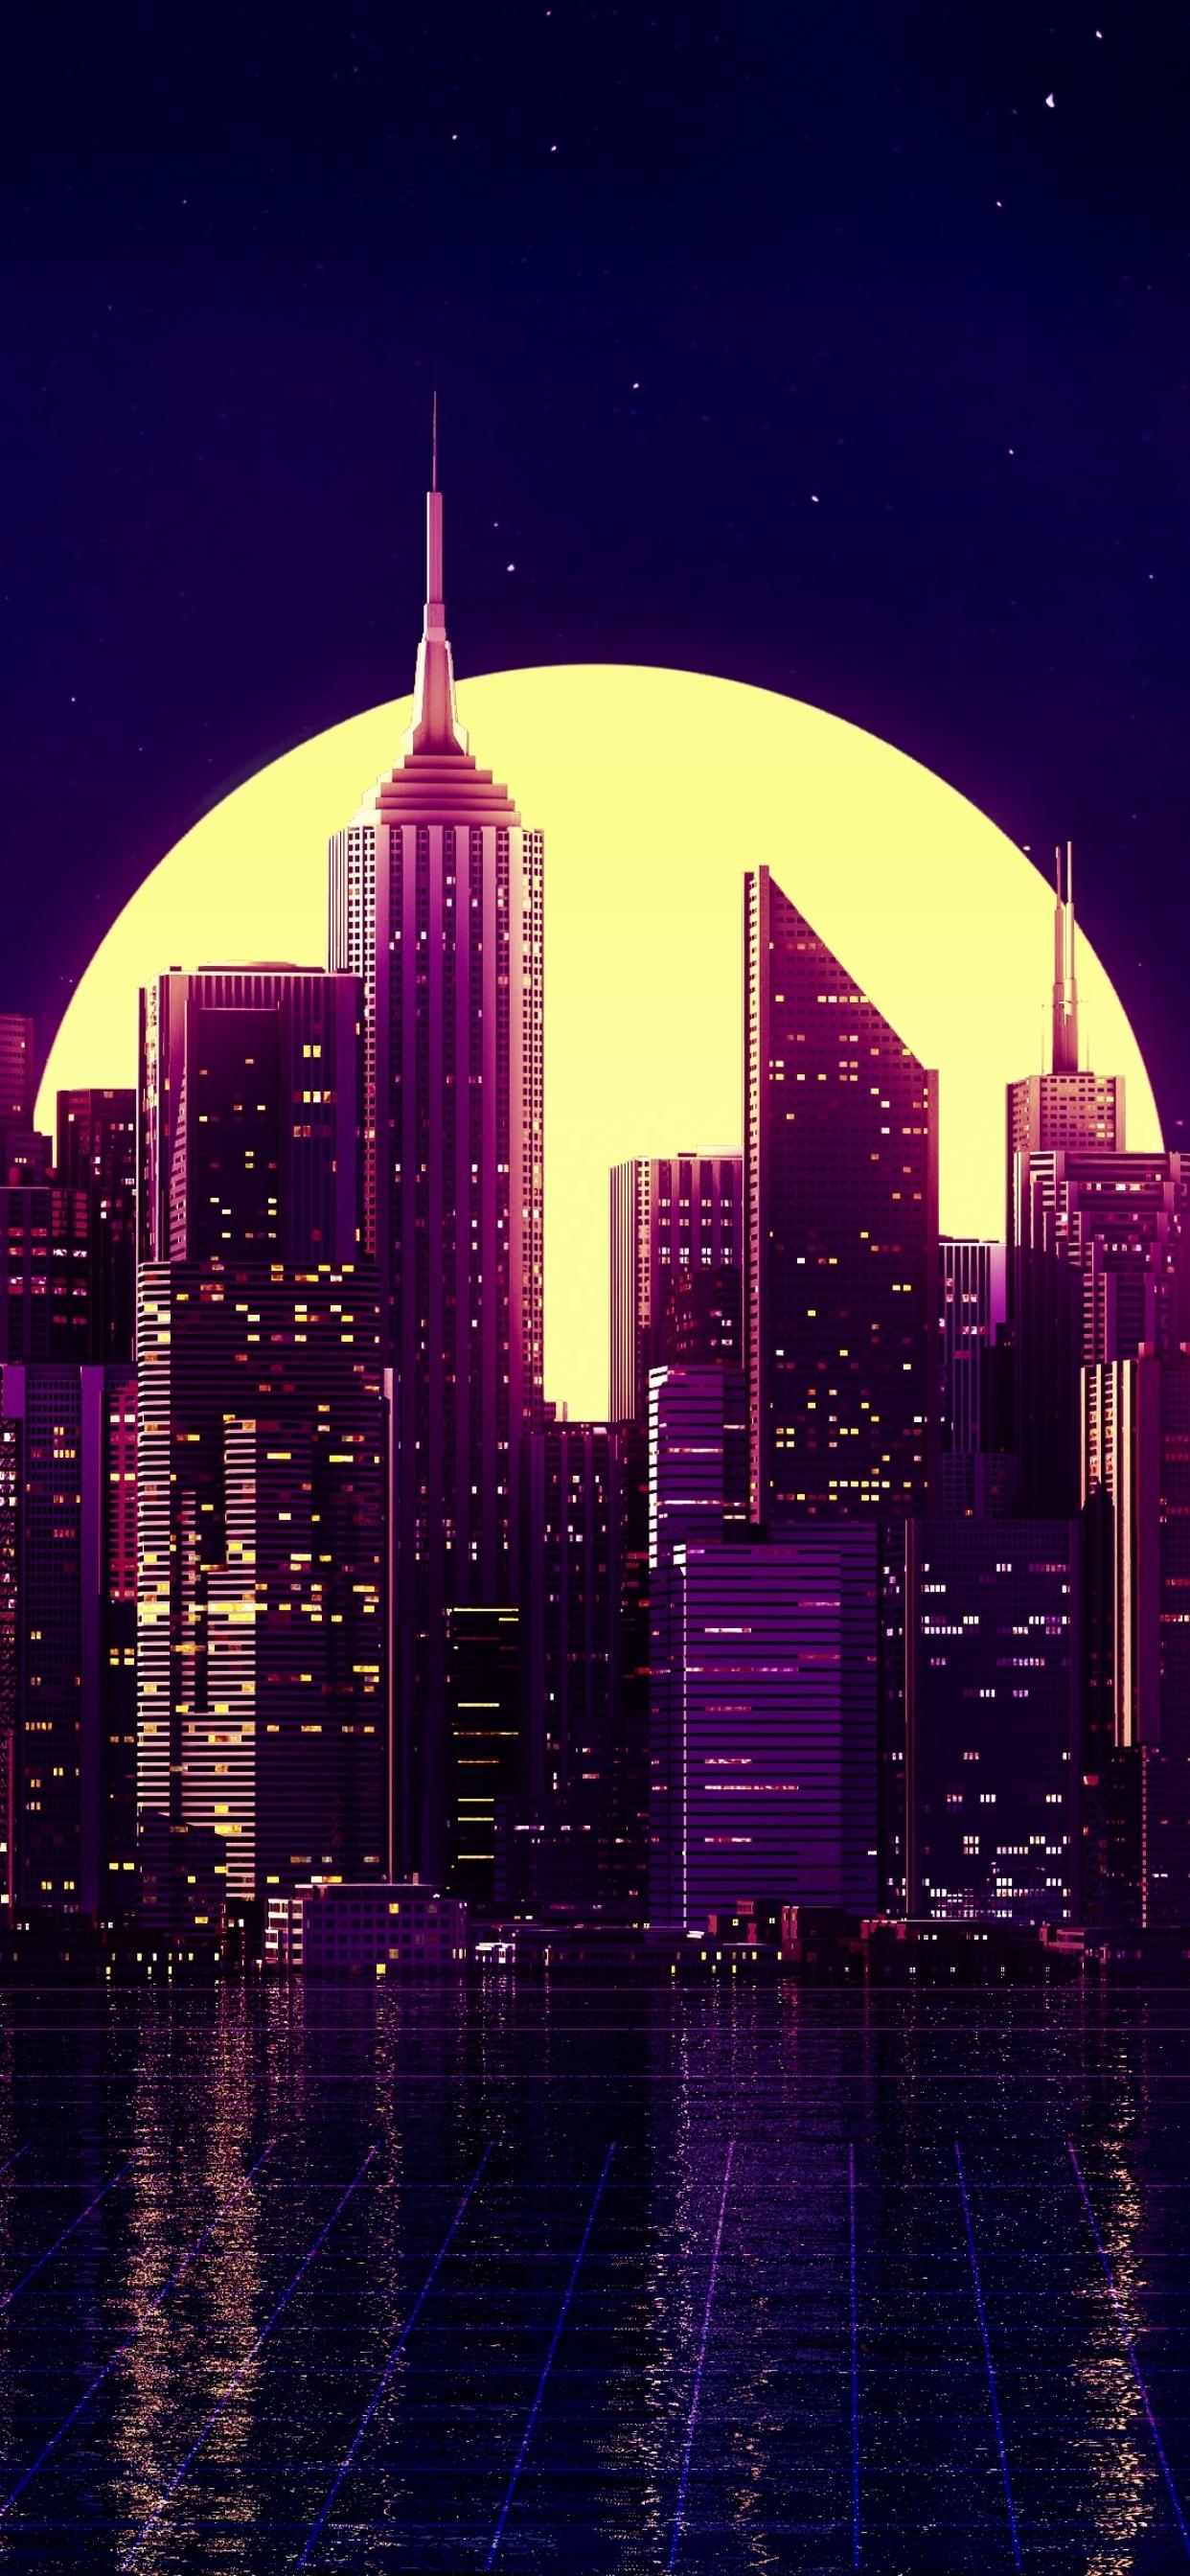 retro wave purple skyscraper